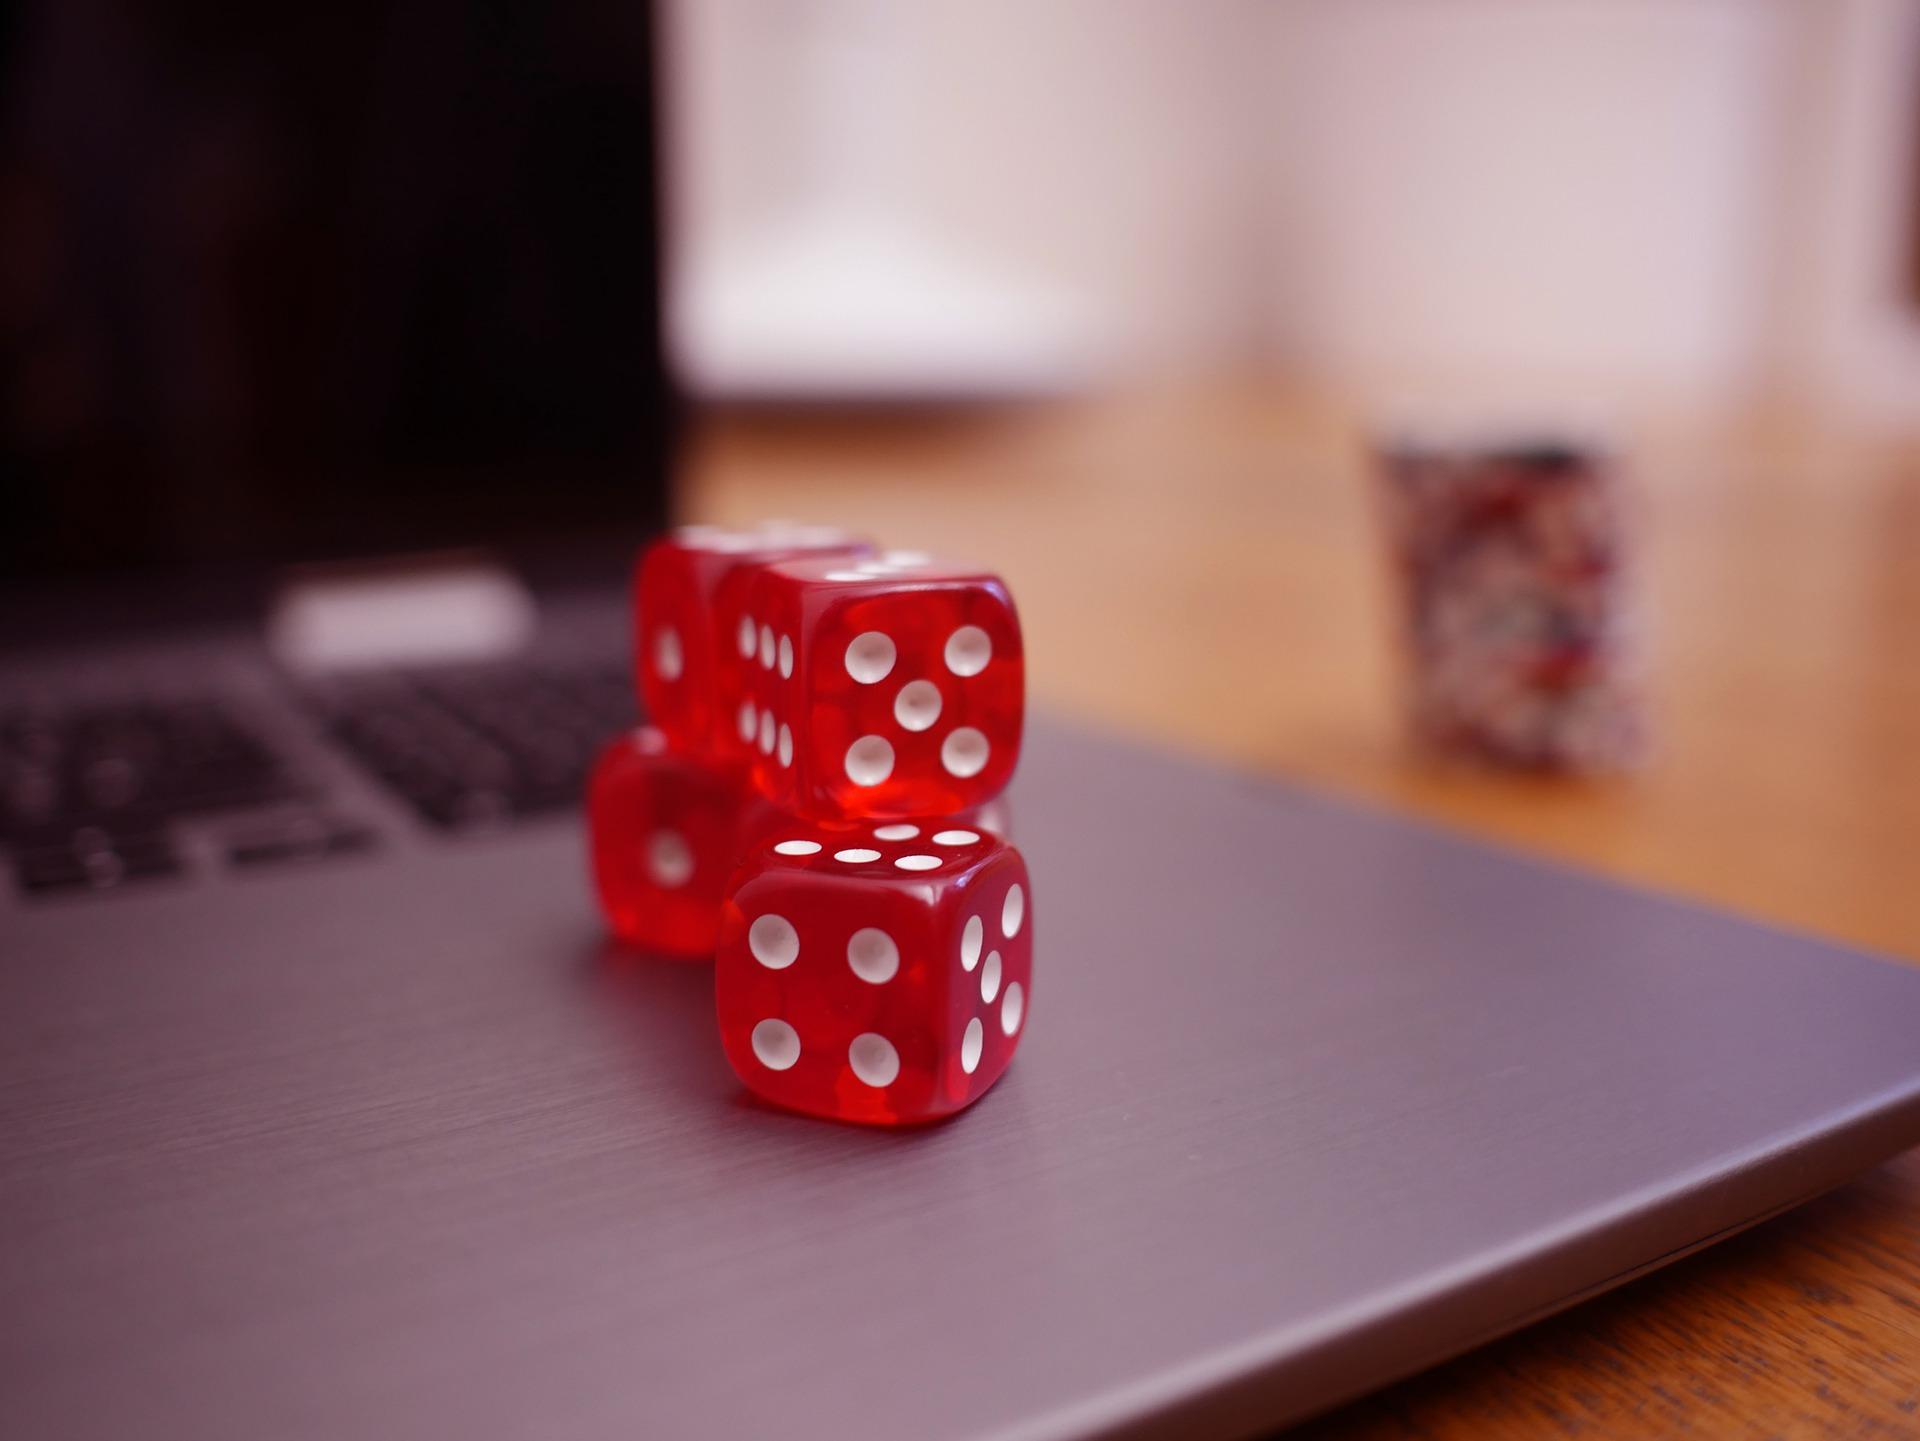 La adicción al juego es un trastorno adictivo muy grave.